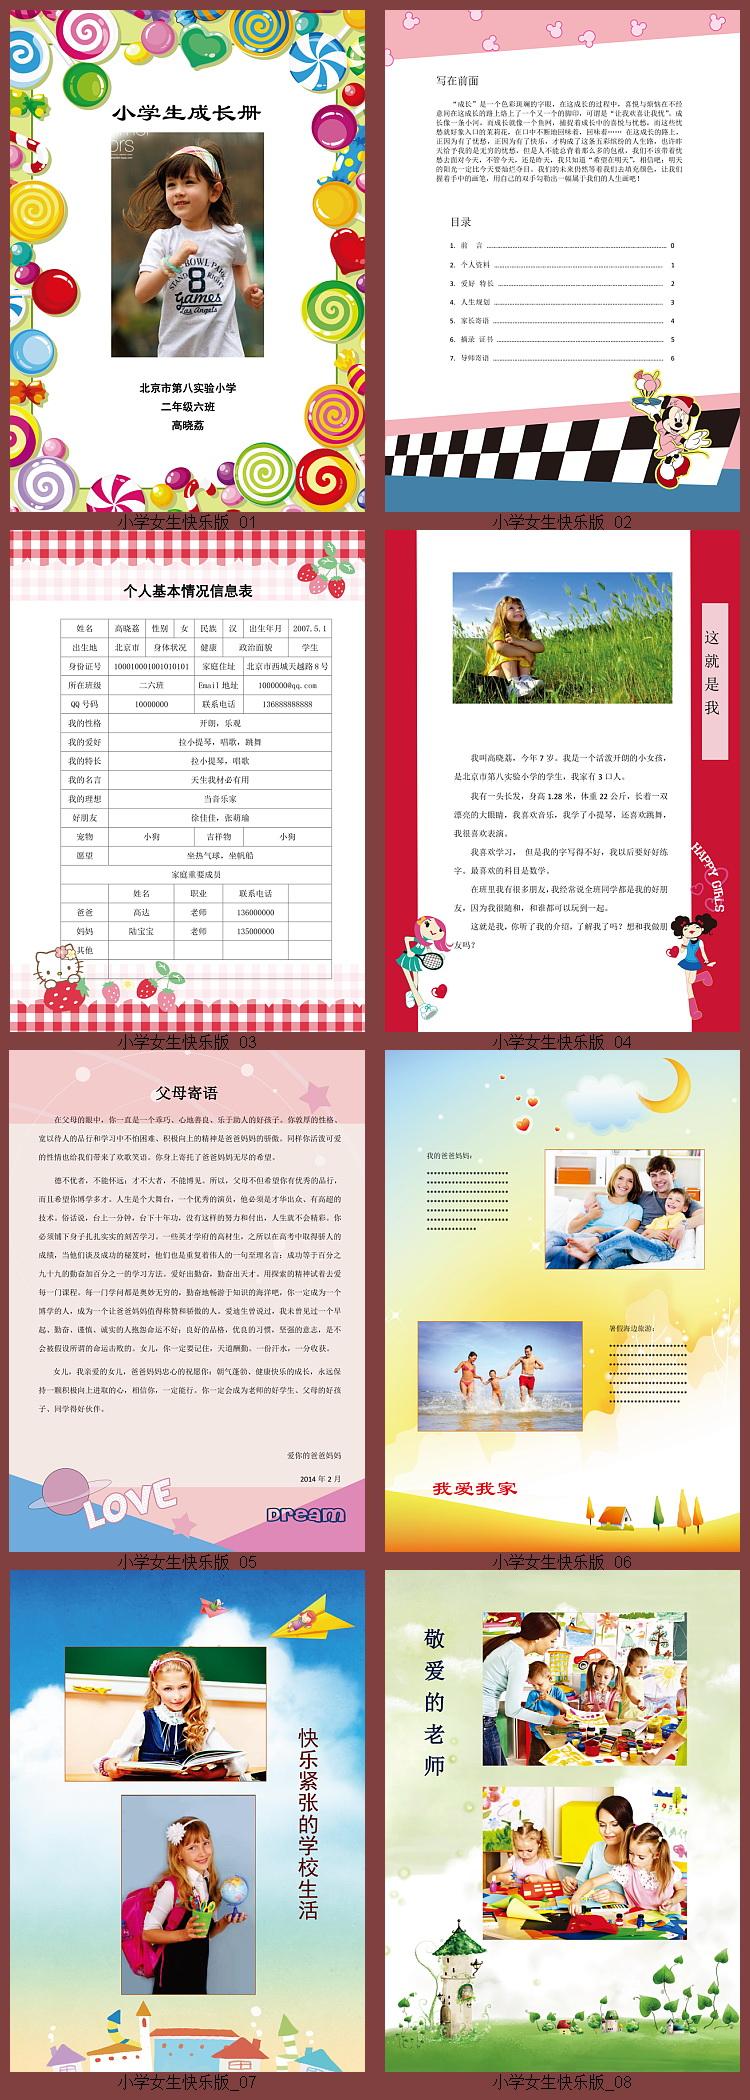 小学生成长档案模版-女生快乐版(word) 电子模版-第1张